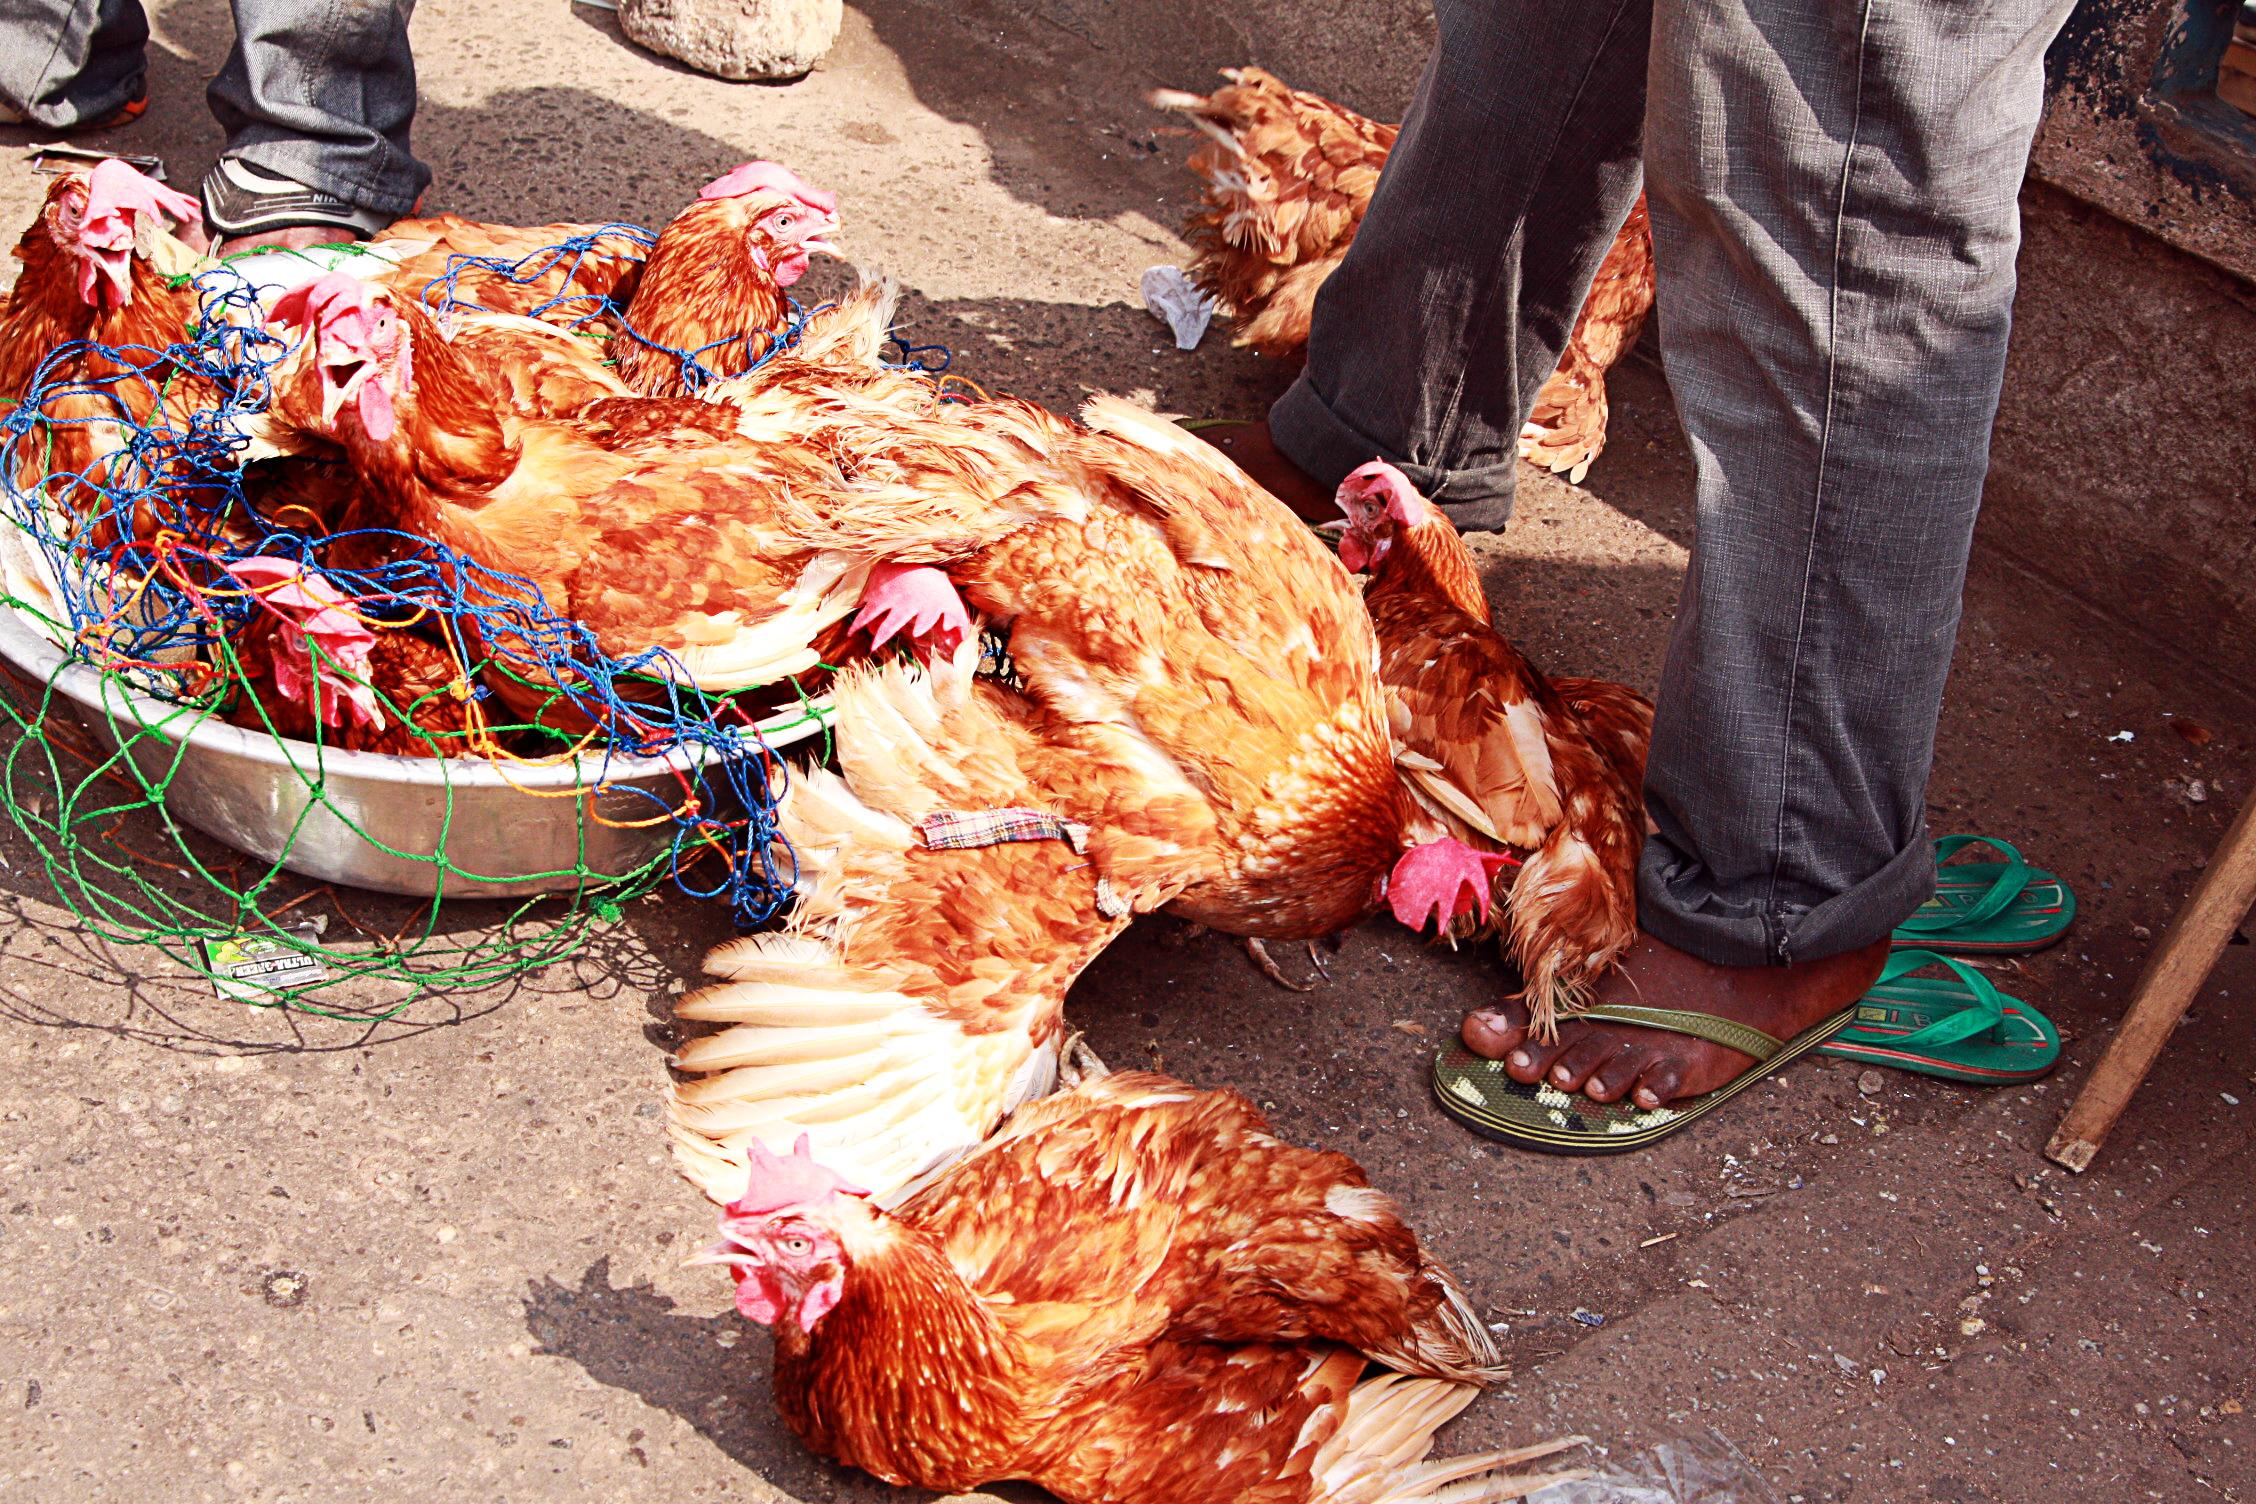 Hühner Markt in Ghana, Reisebericht Ghana Urlaub Reise